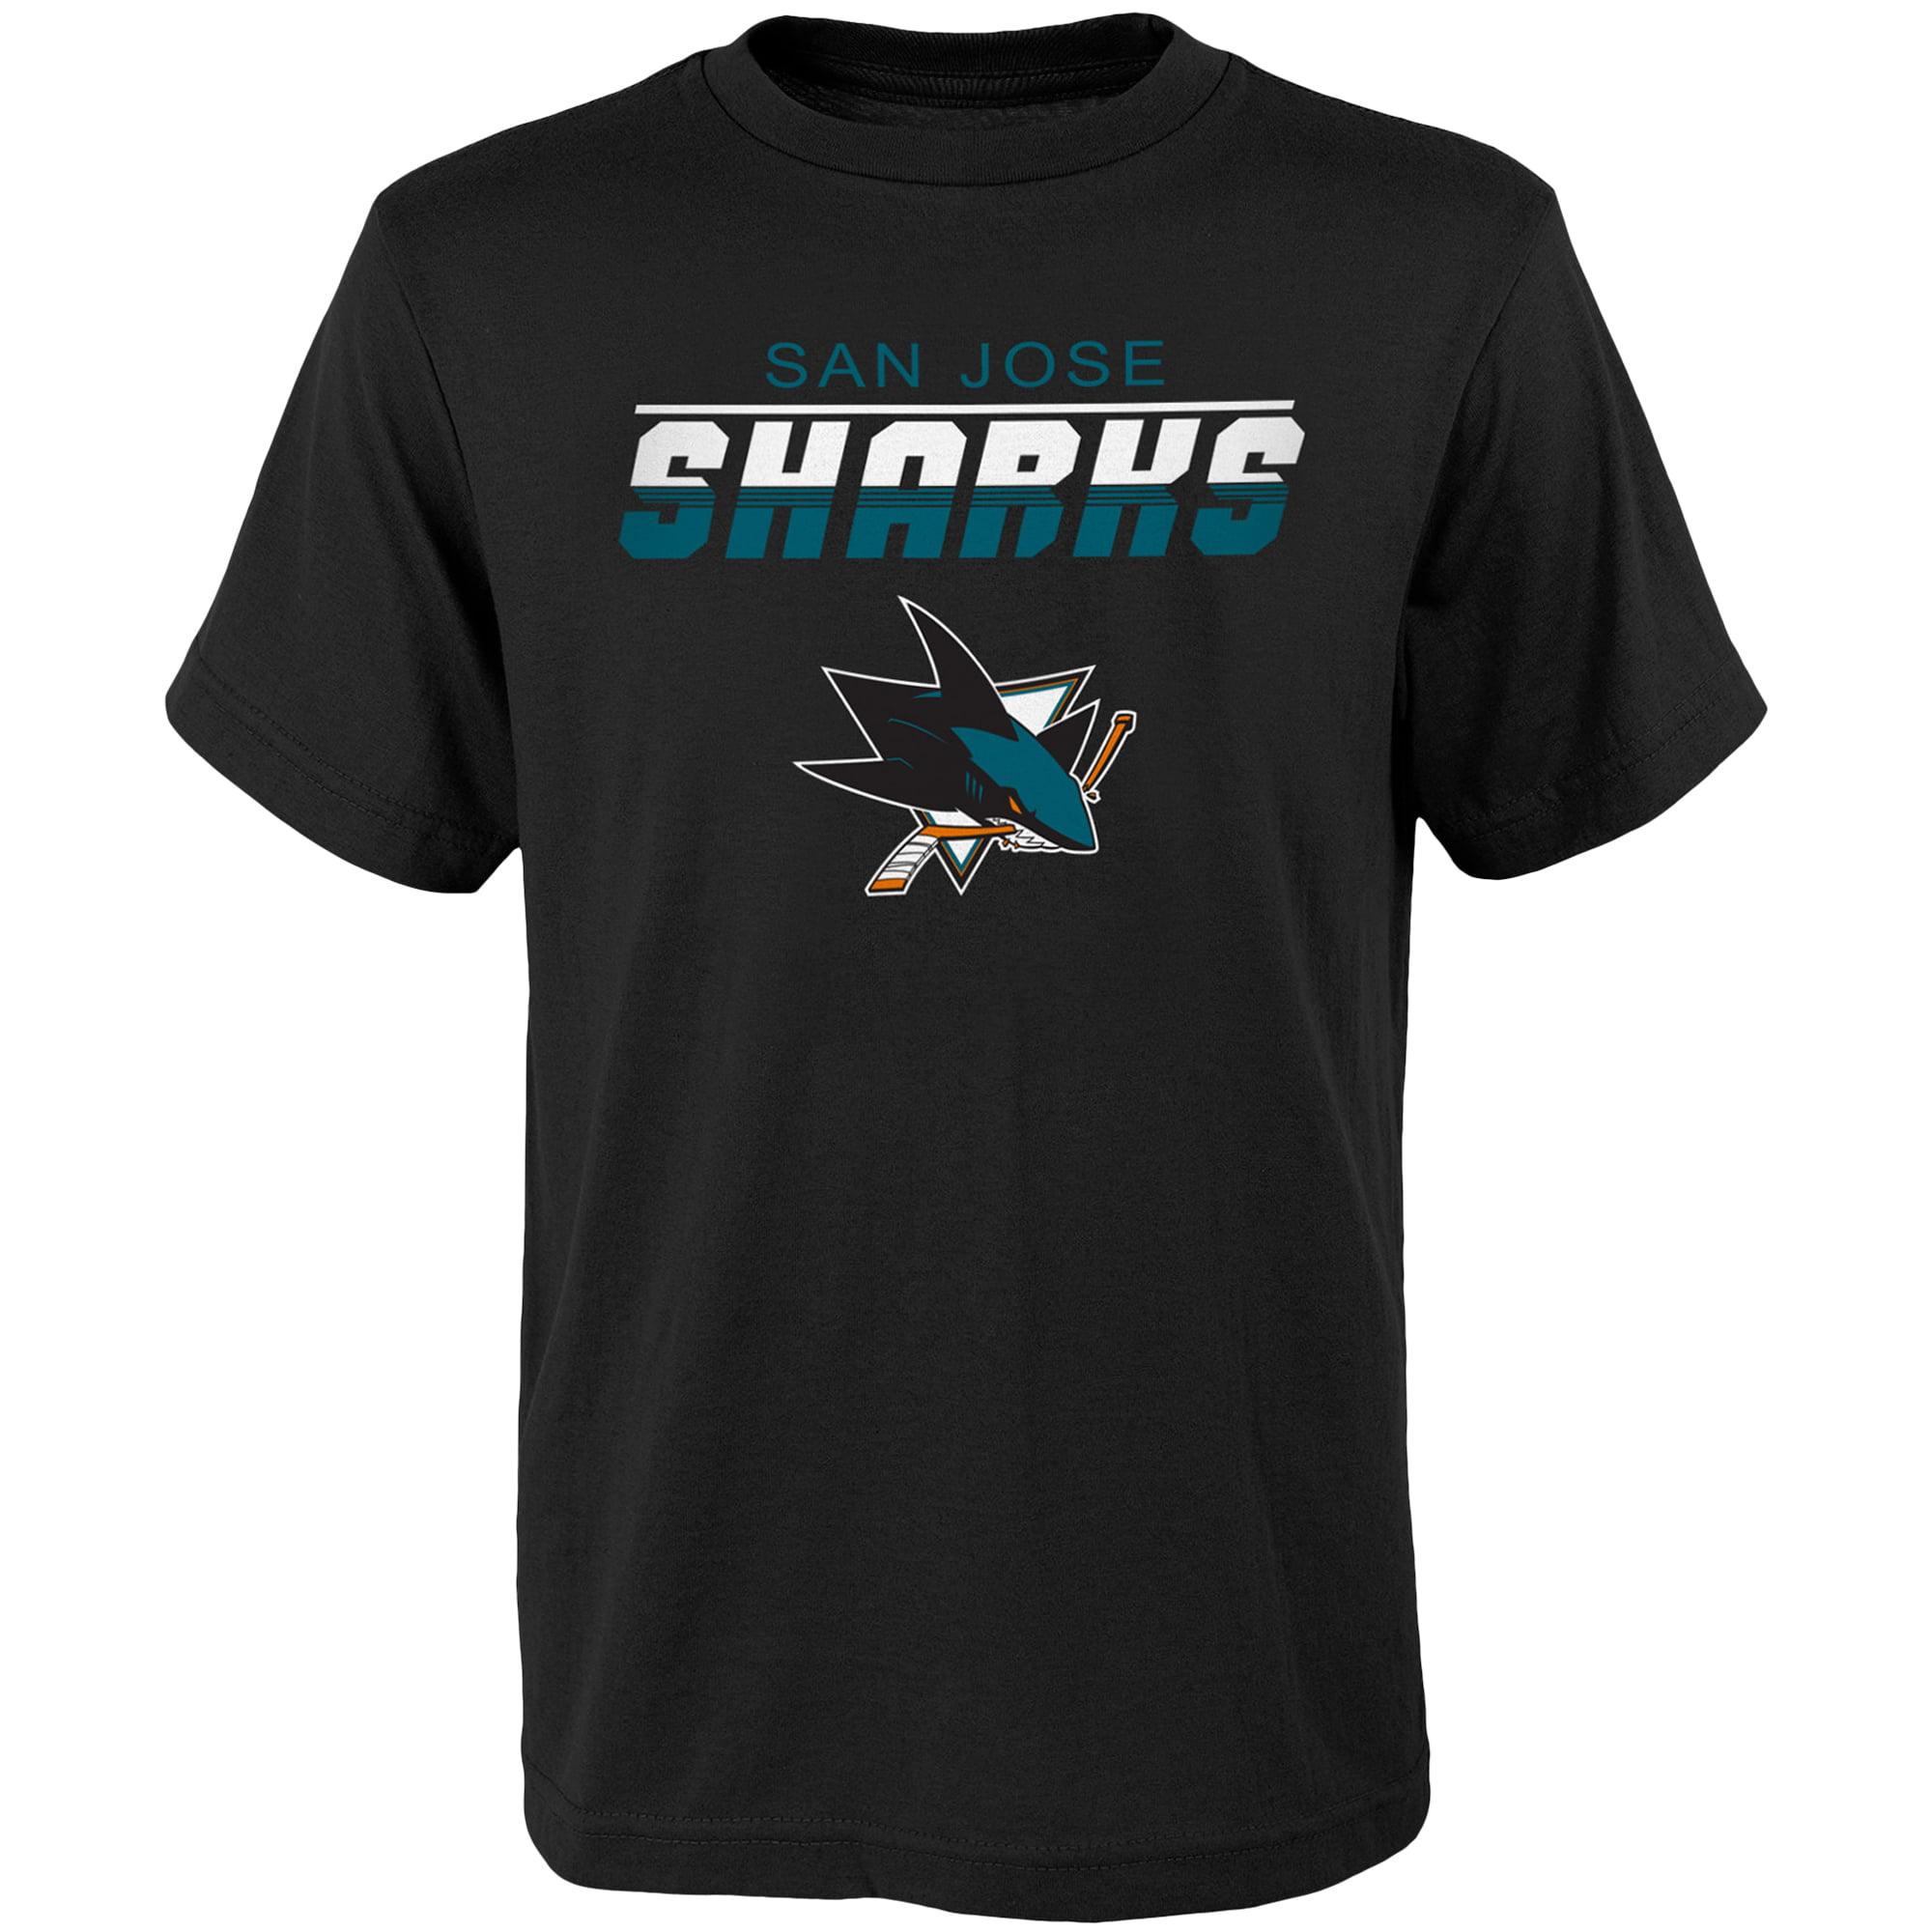 Youth Black San Jose Sharks Team Logo T-Shirt